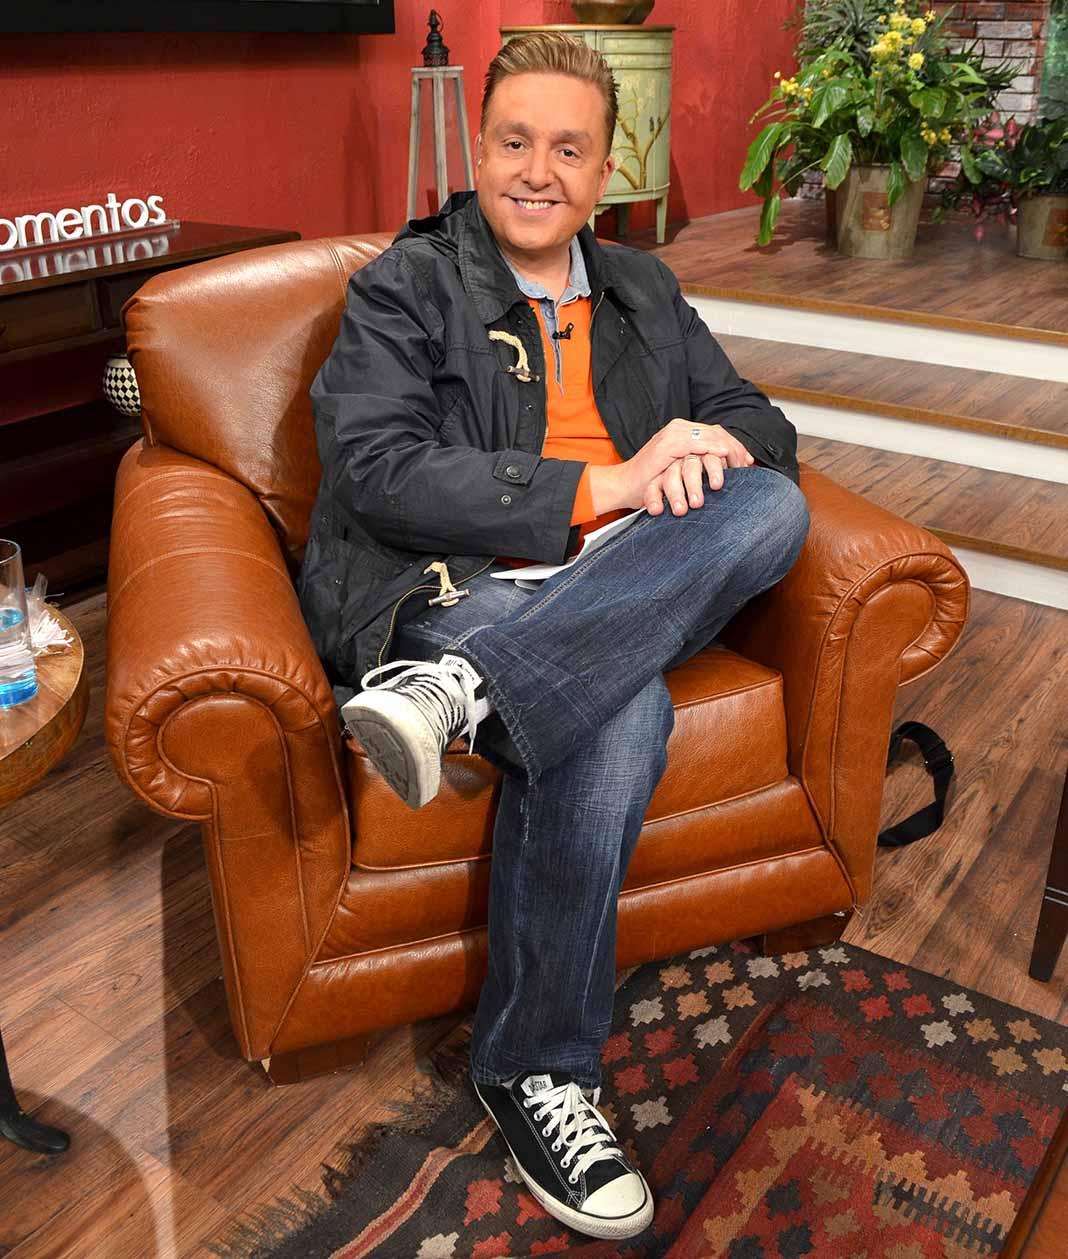 Daniel Bisogno se soltó maldiciendo a Pedrito, pero de puro dolor